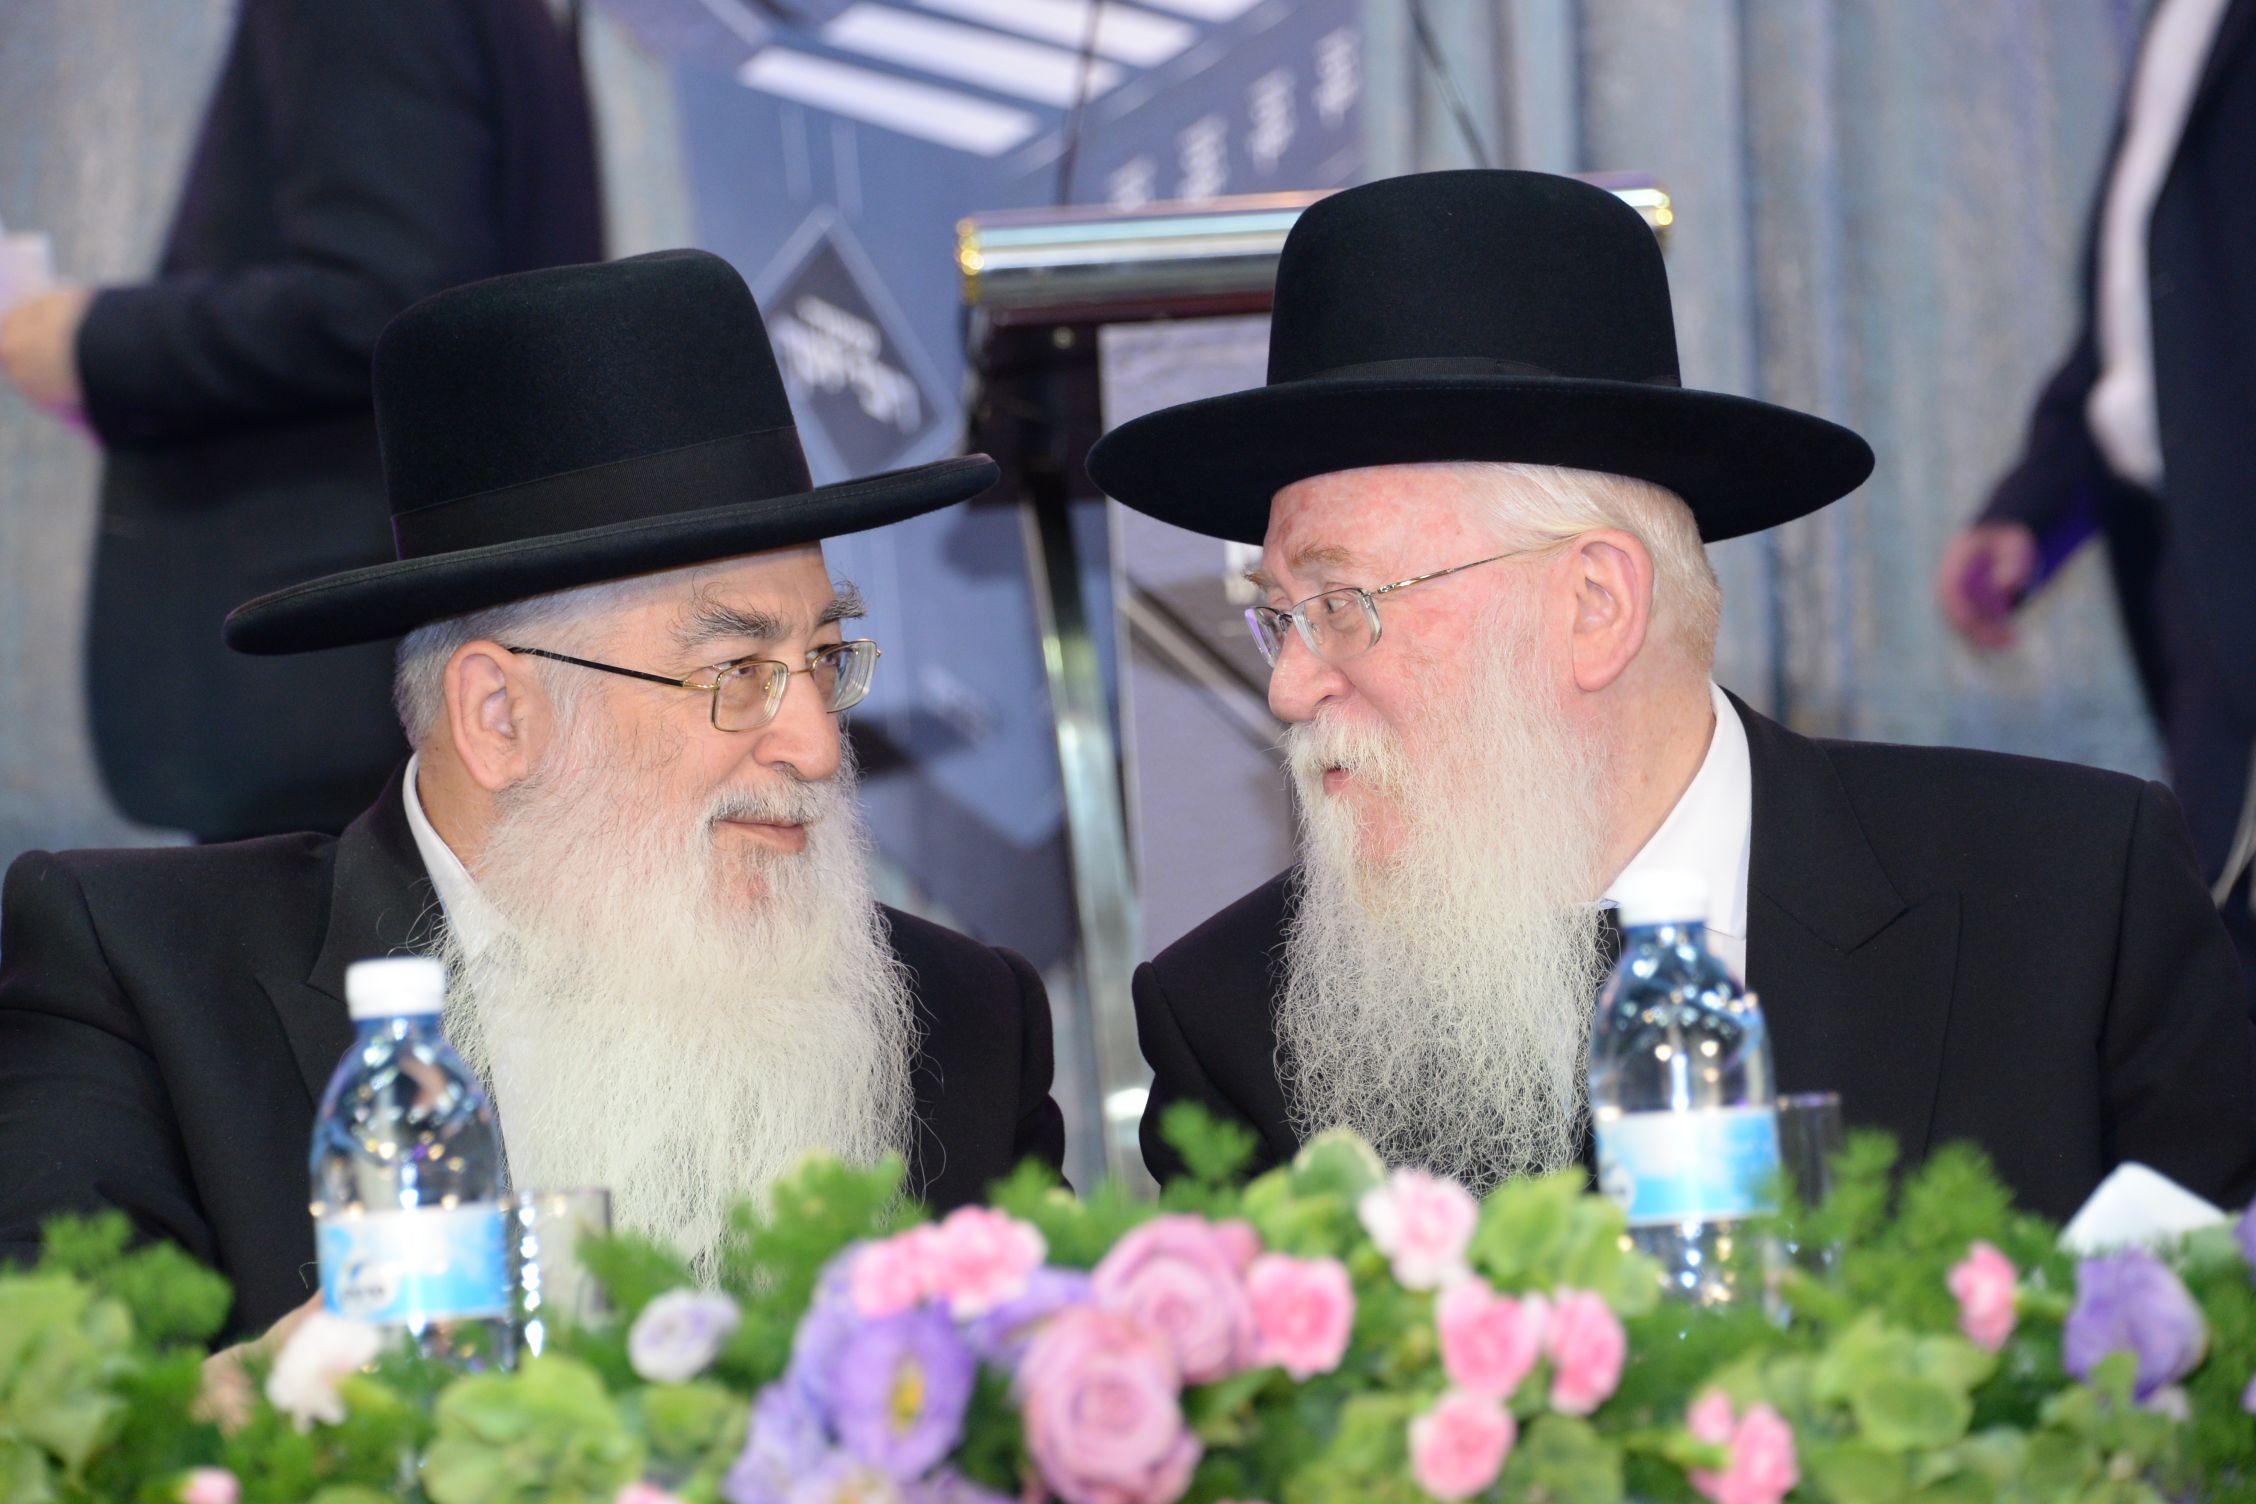 אור ישראל: אחרי 40 שנה שיעורי ראש הישיבה הודפסו